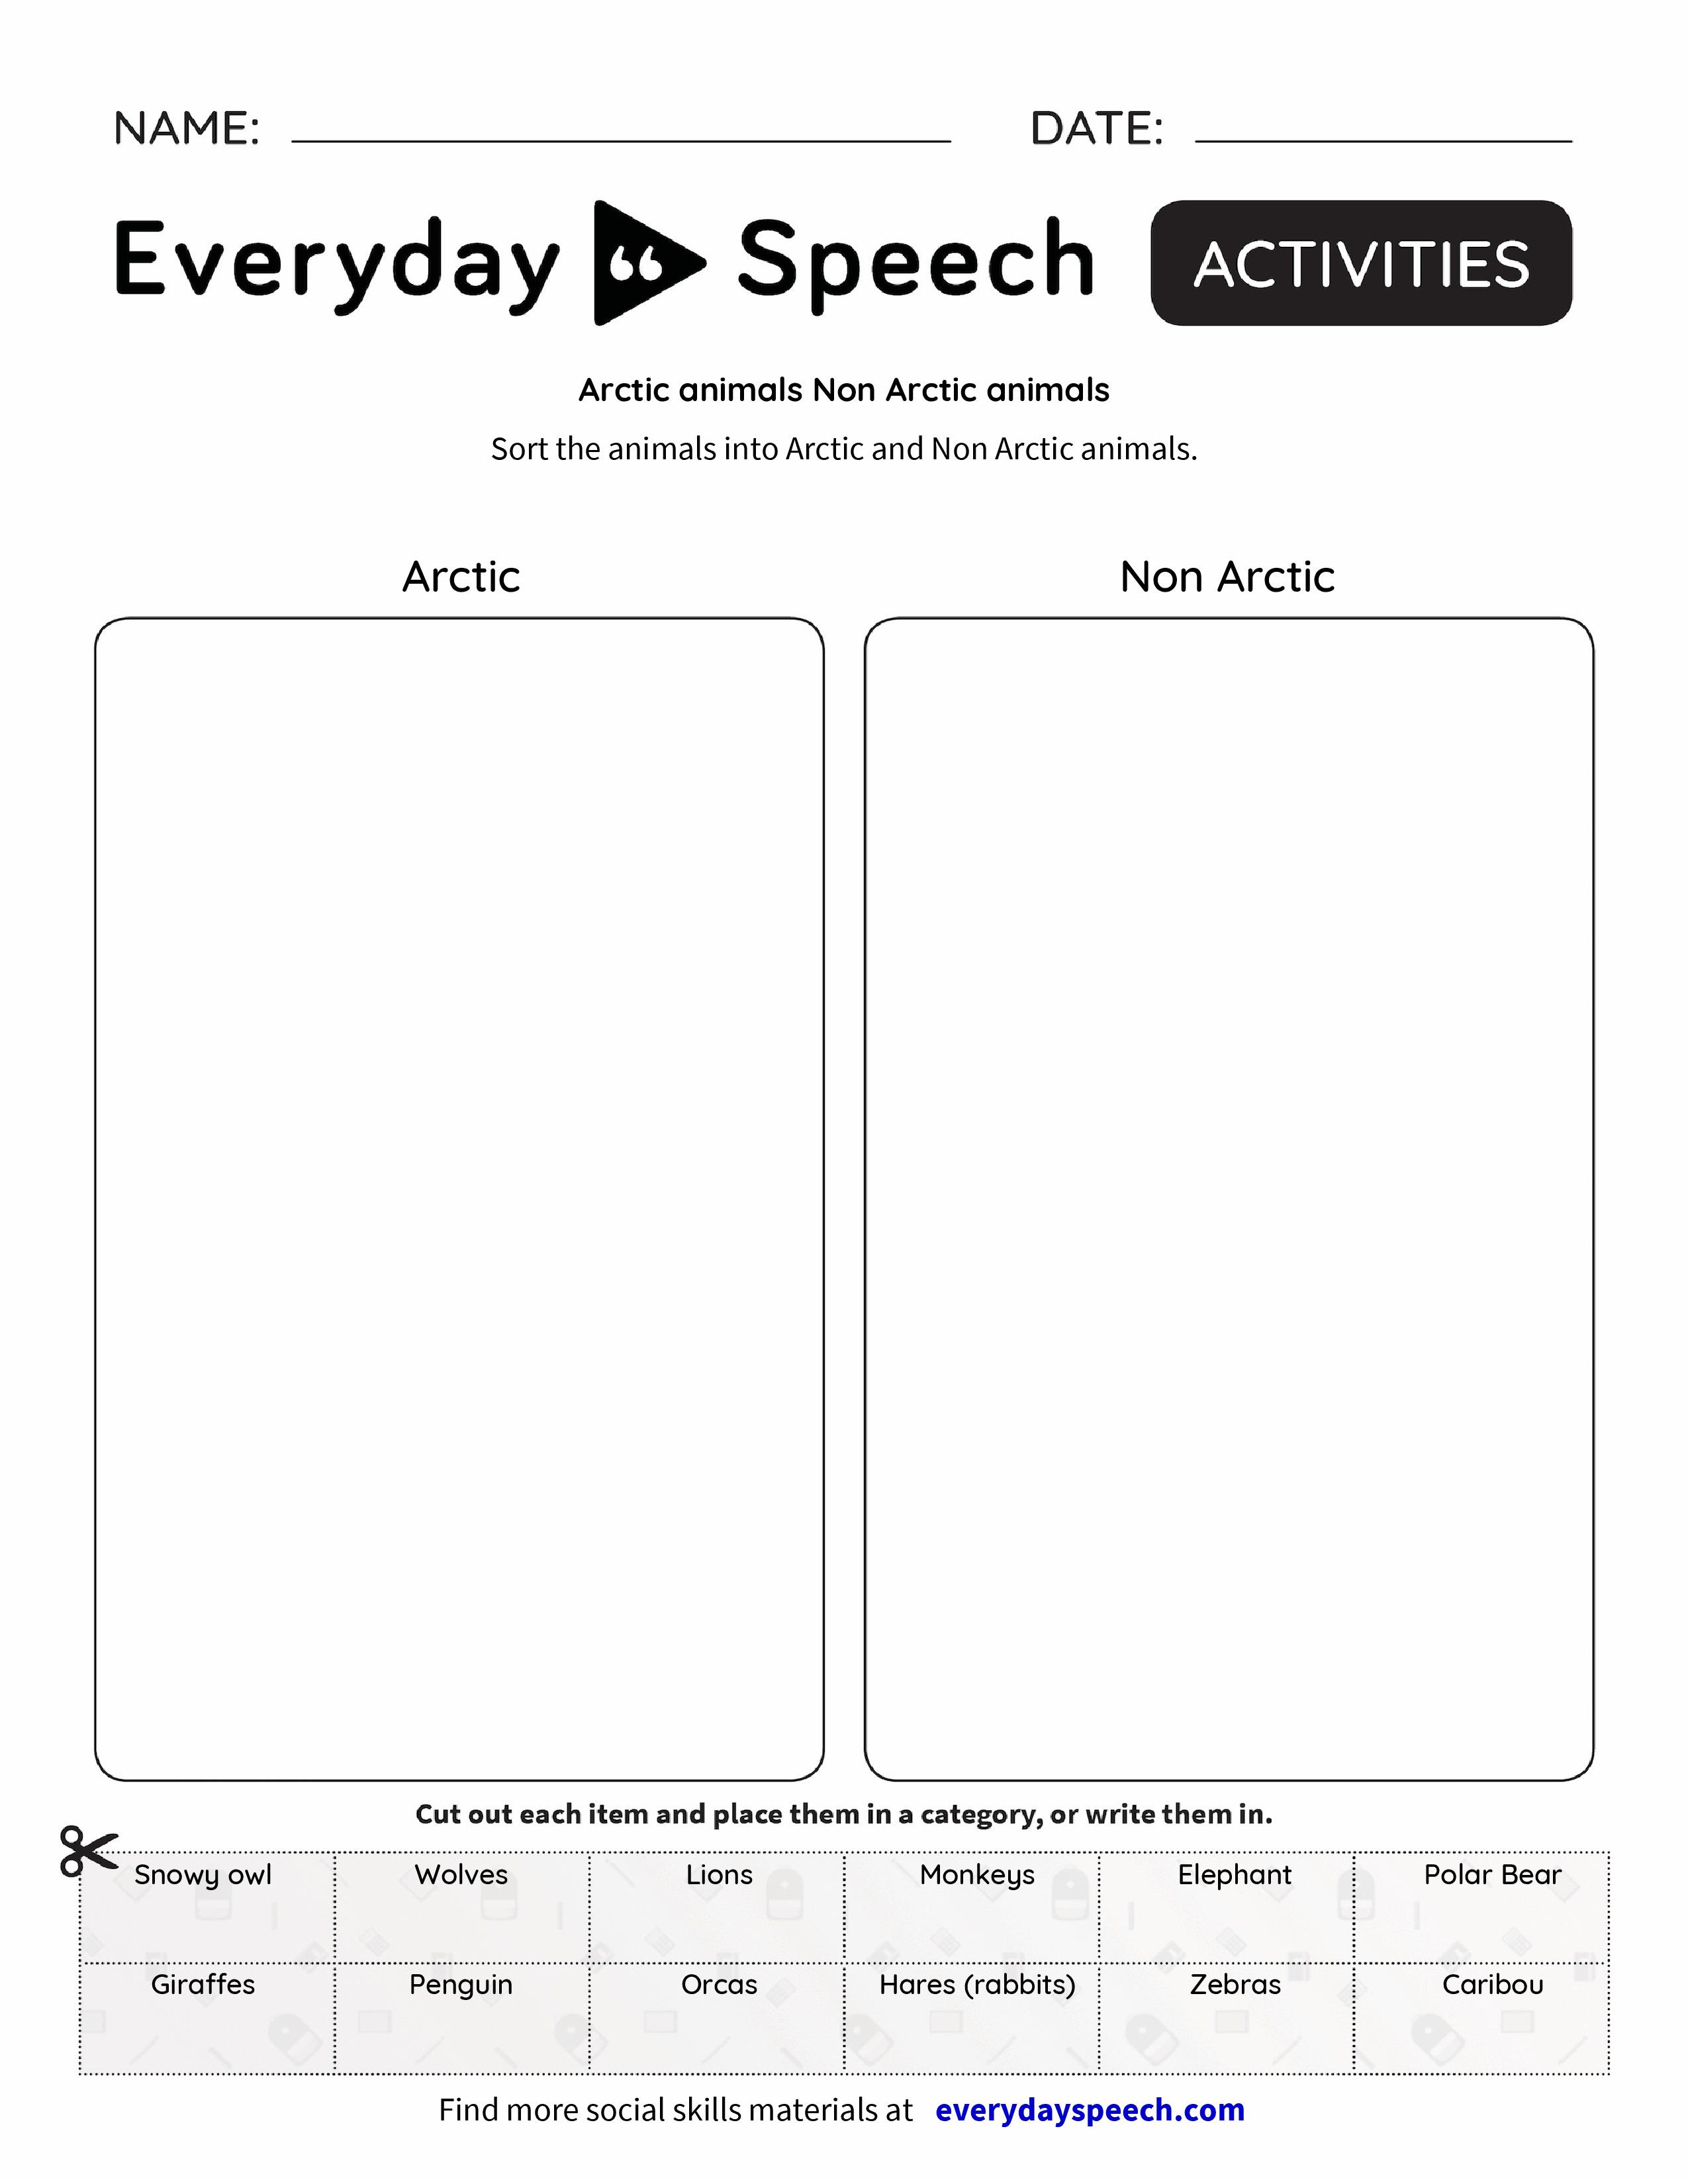 Arctic animals Non Arctic animals - Everyday Speech - Everyday Speech